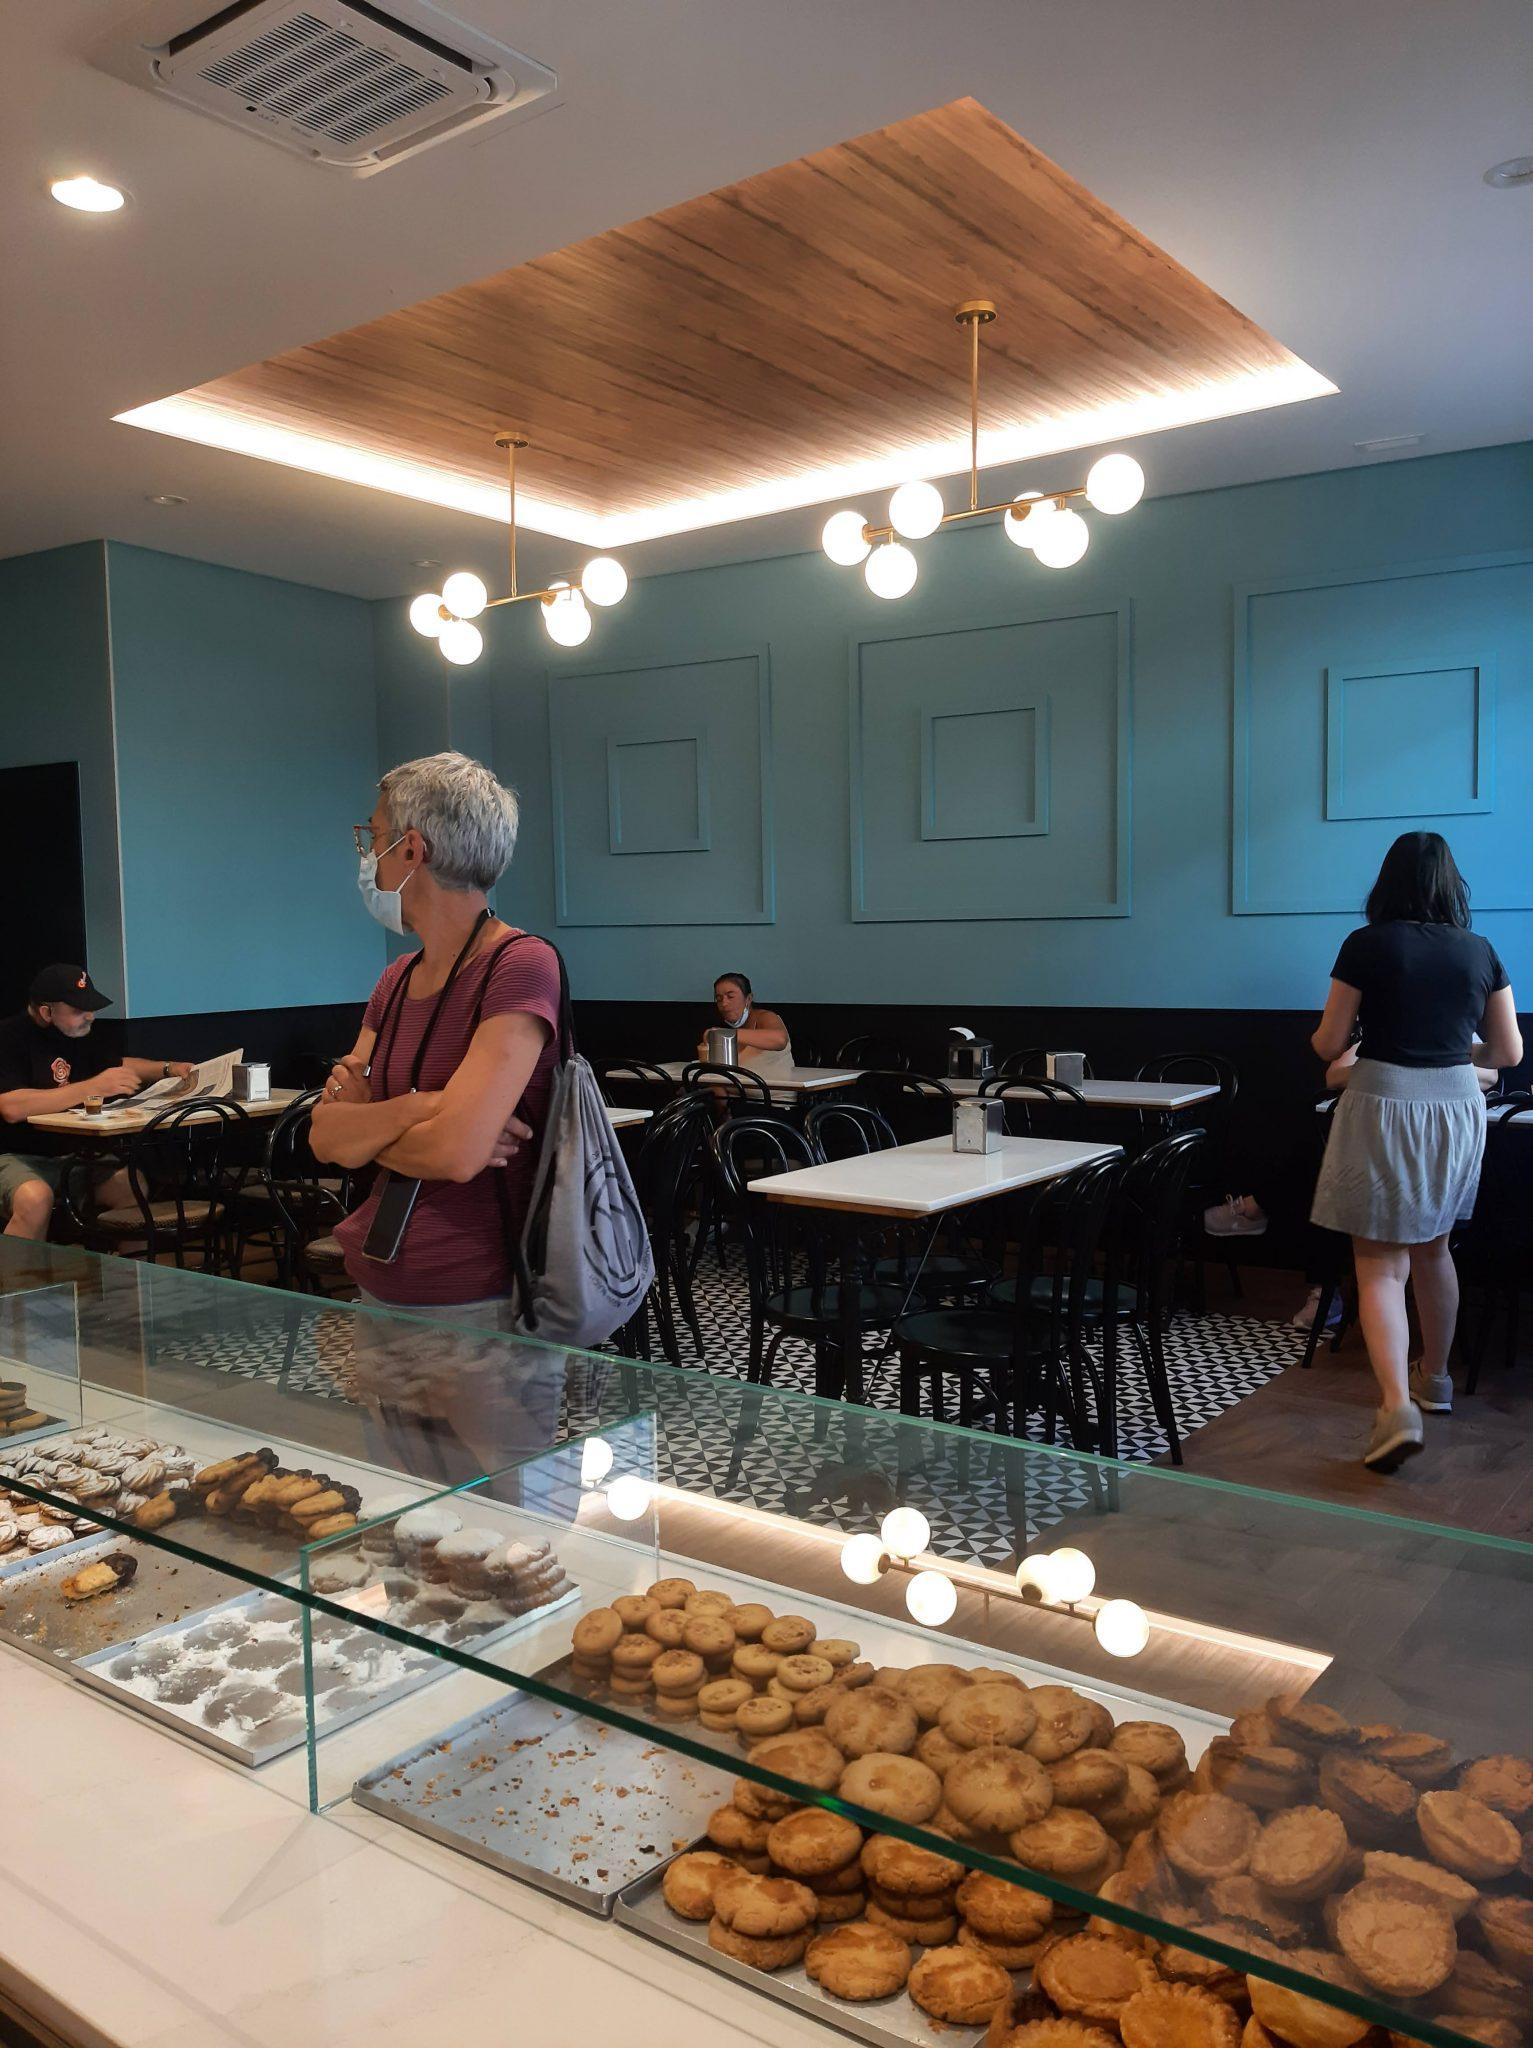 La confitería Ferrero cambia de cara tras siglo y medio endulzando los hogares del Bierzo Alto 2